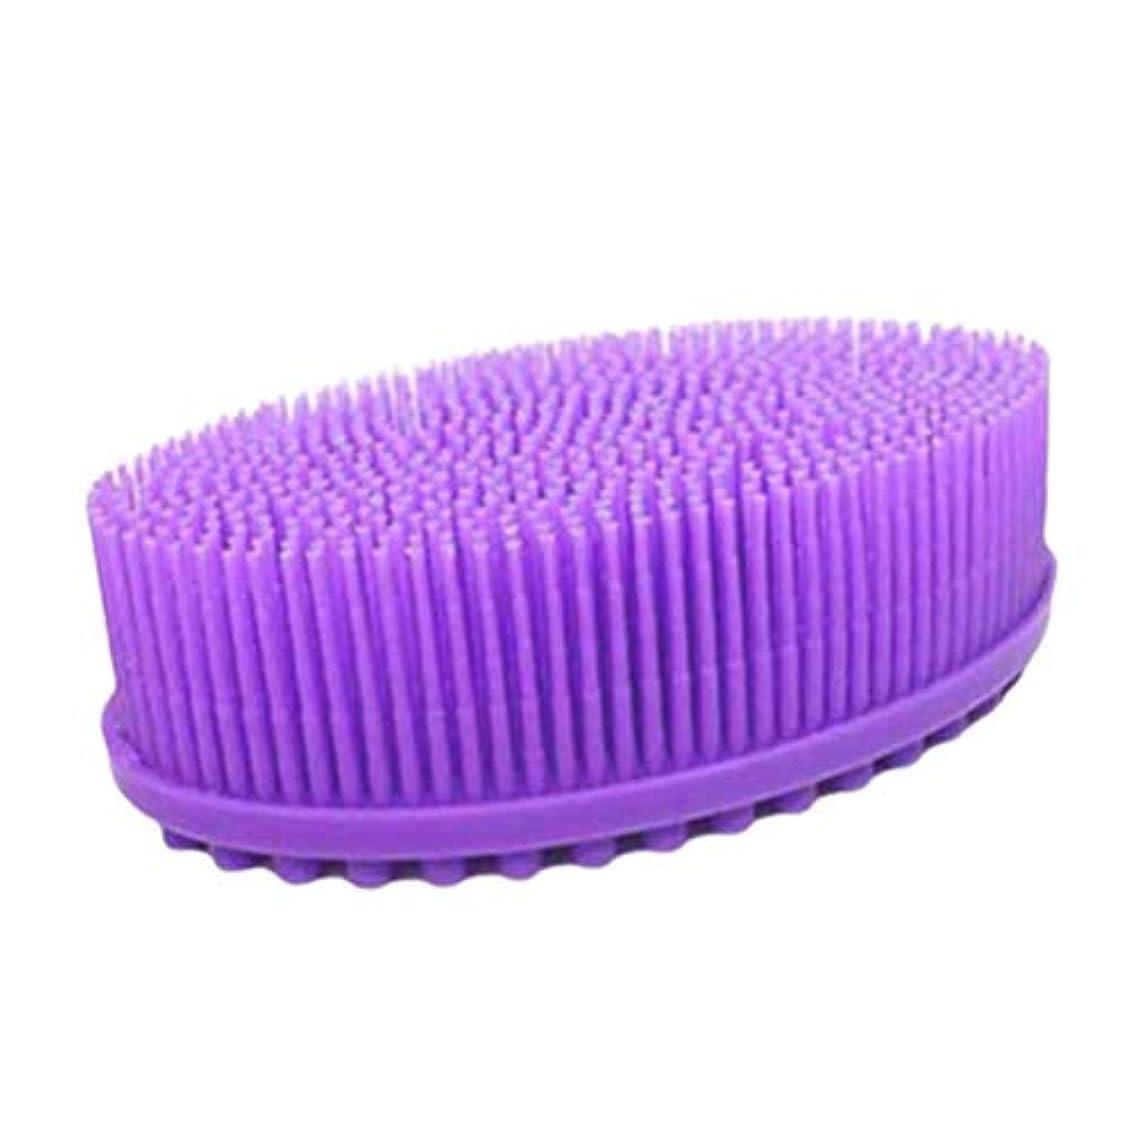 喪ブロンズスクリーチTOPBATHY ベビーシリコンボディヘアシャンプーブラシバスバックブラシスキンマッサージラウンドヘッドボディシャワーブラシ(紫)